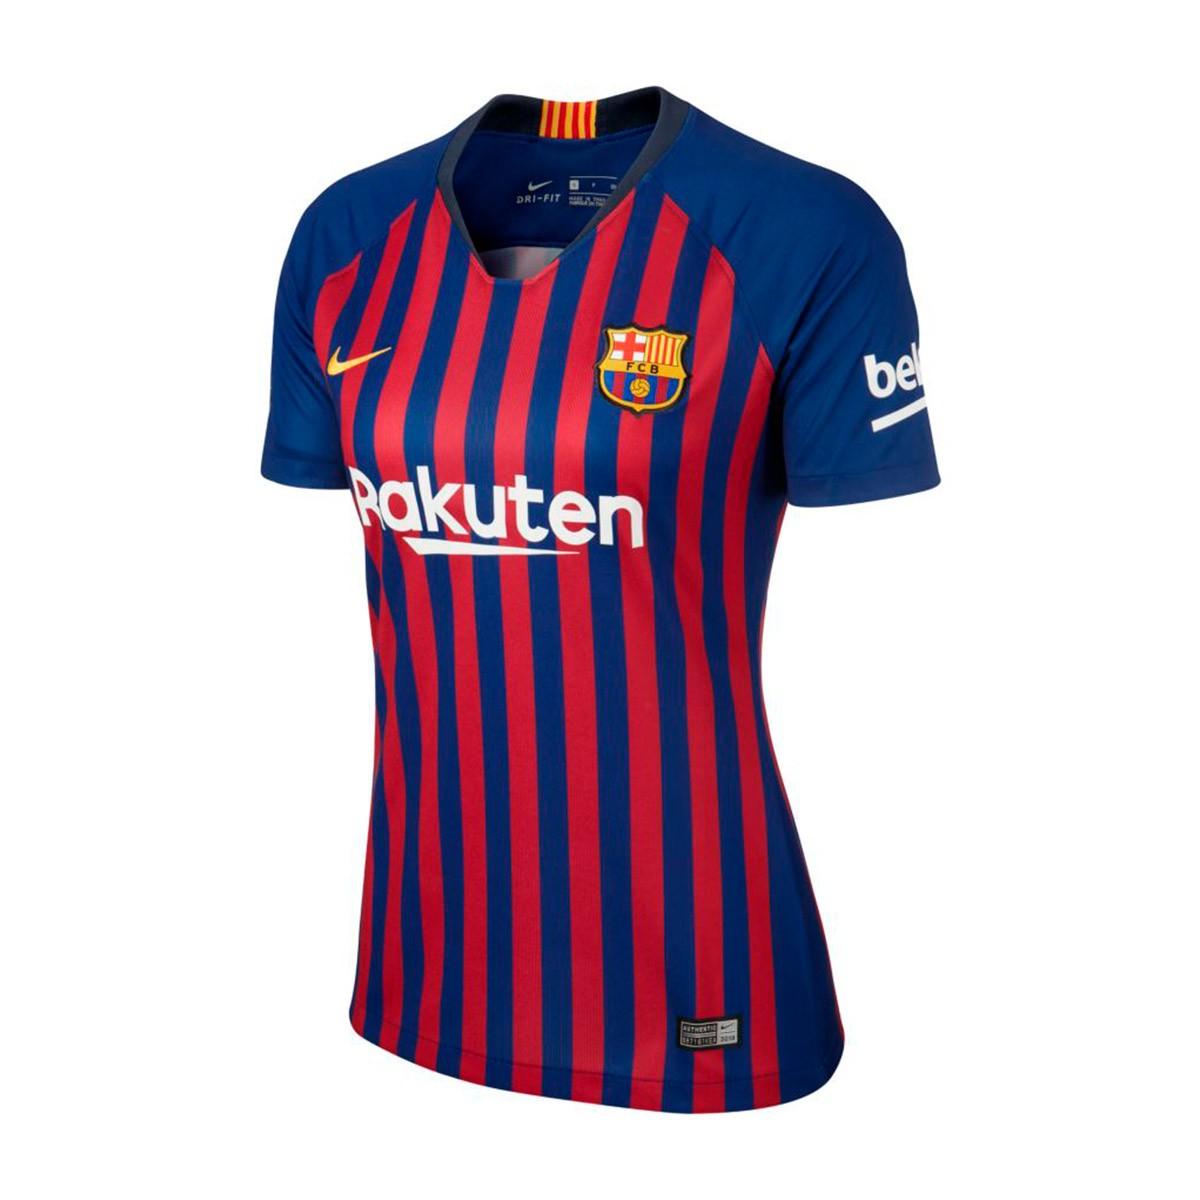 216e7a24e Camisola Nike FC Barcelona Stadium Equipamento Principal 2018-2019 Mulher  Deep royal blue-University gold - Loja de futebol Fútbol Emotion